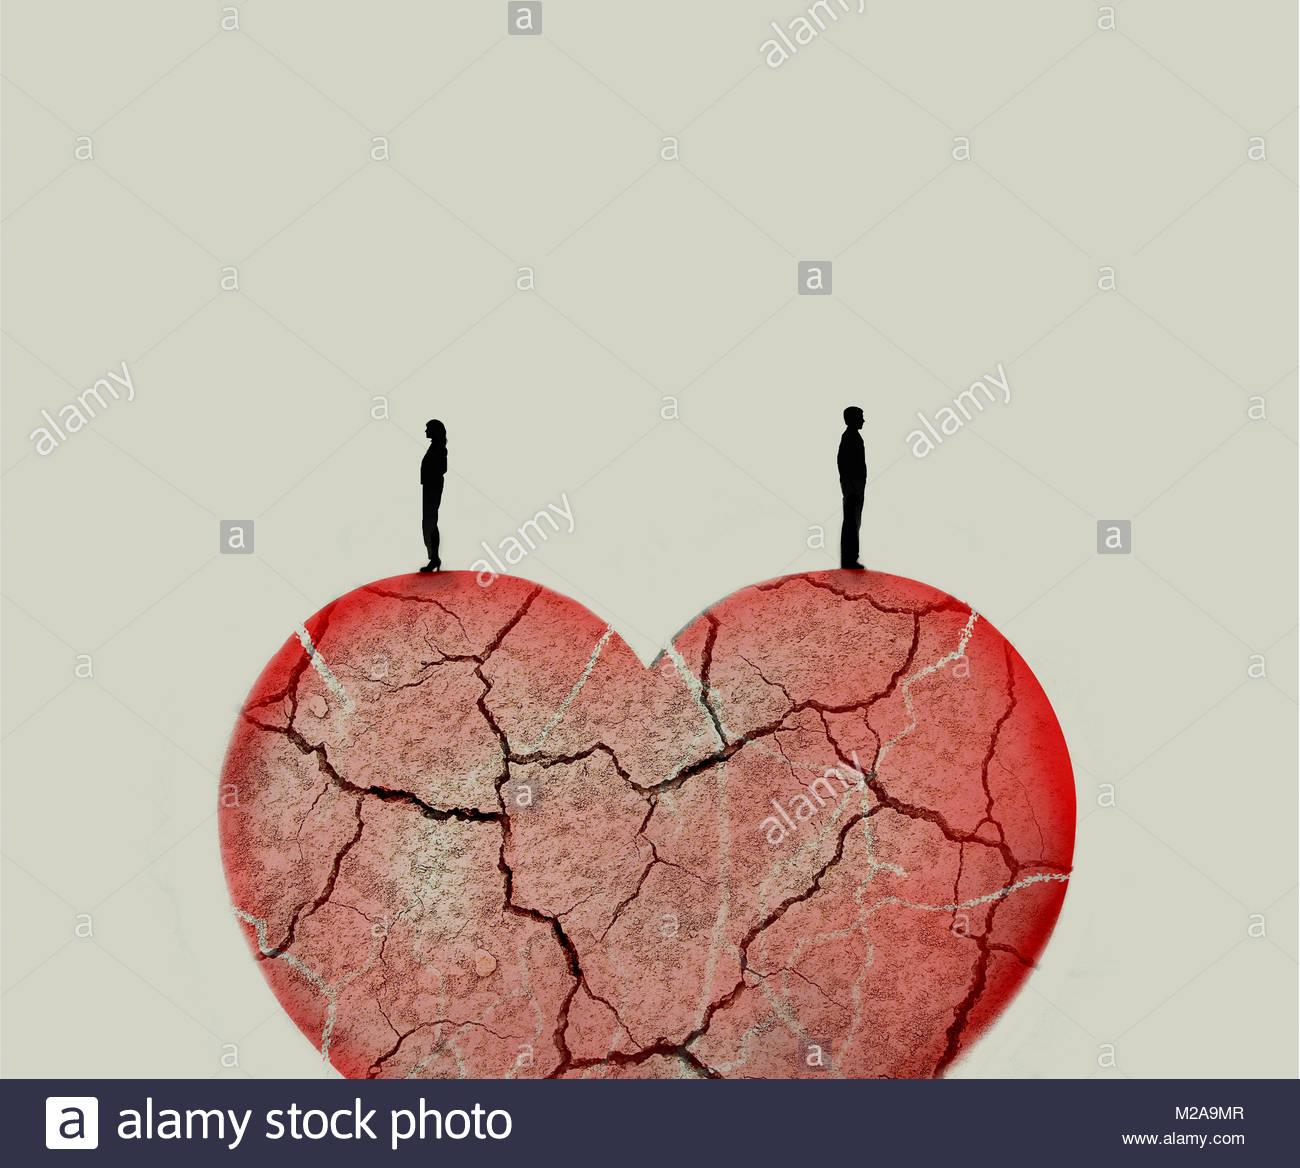 Par de pie en la parte superior del corazón roto Imagen De Stock